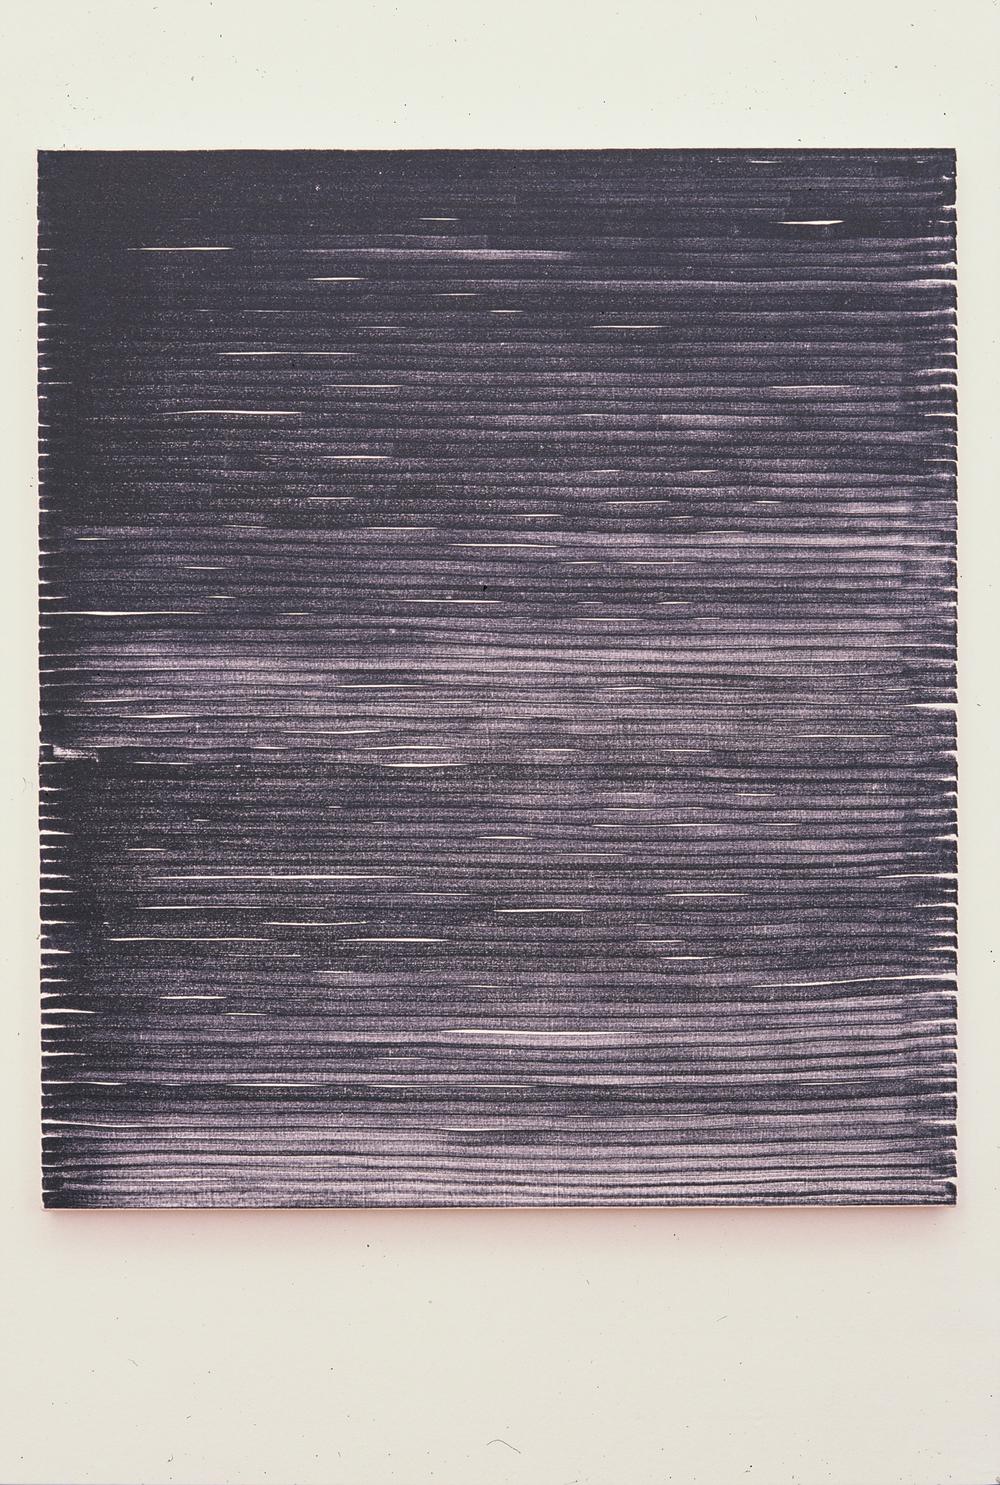 Untiltled (Artline 100) 2002  Marker on canvas